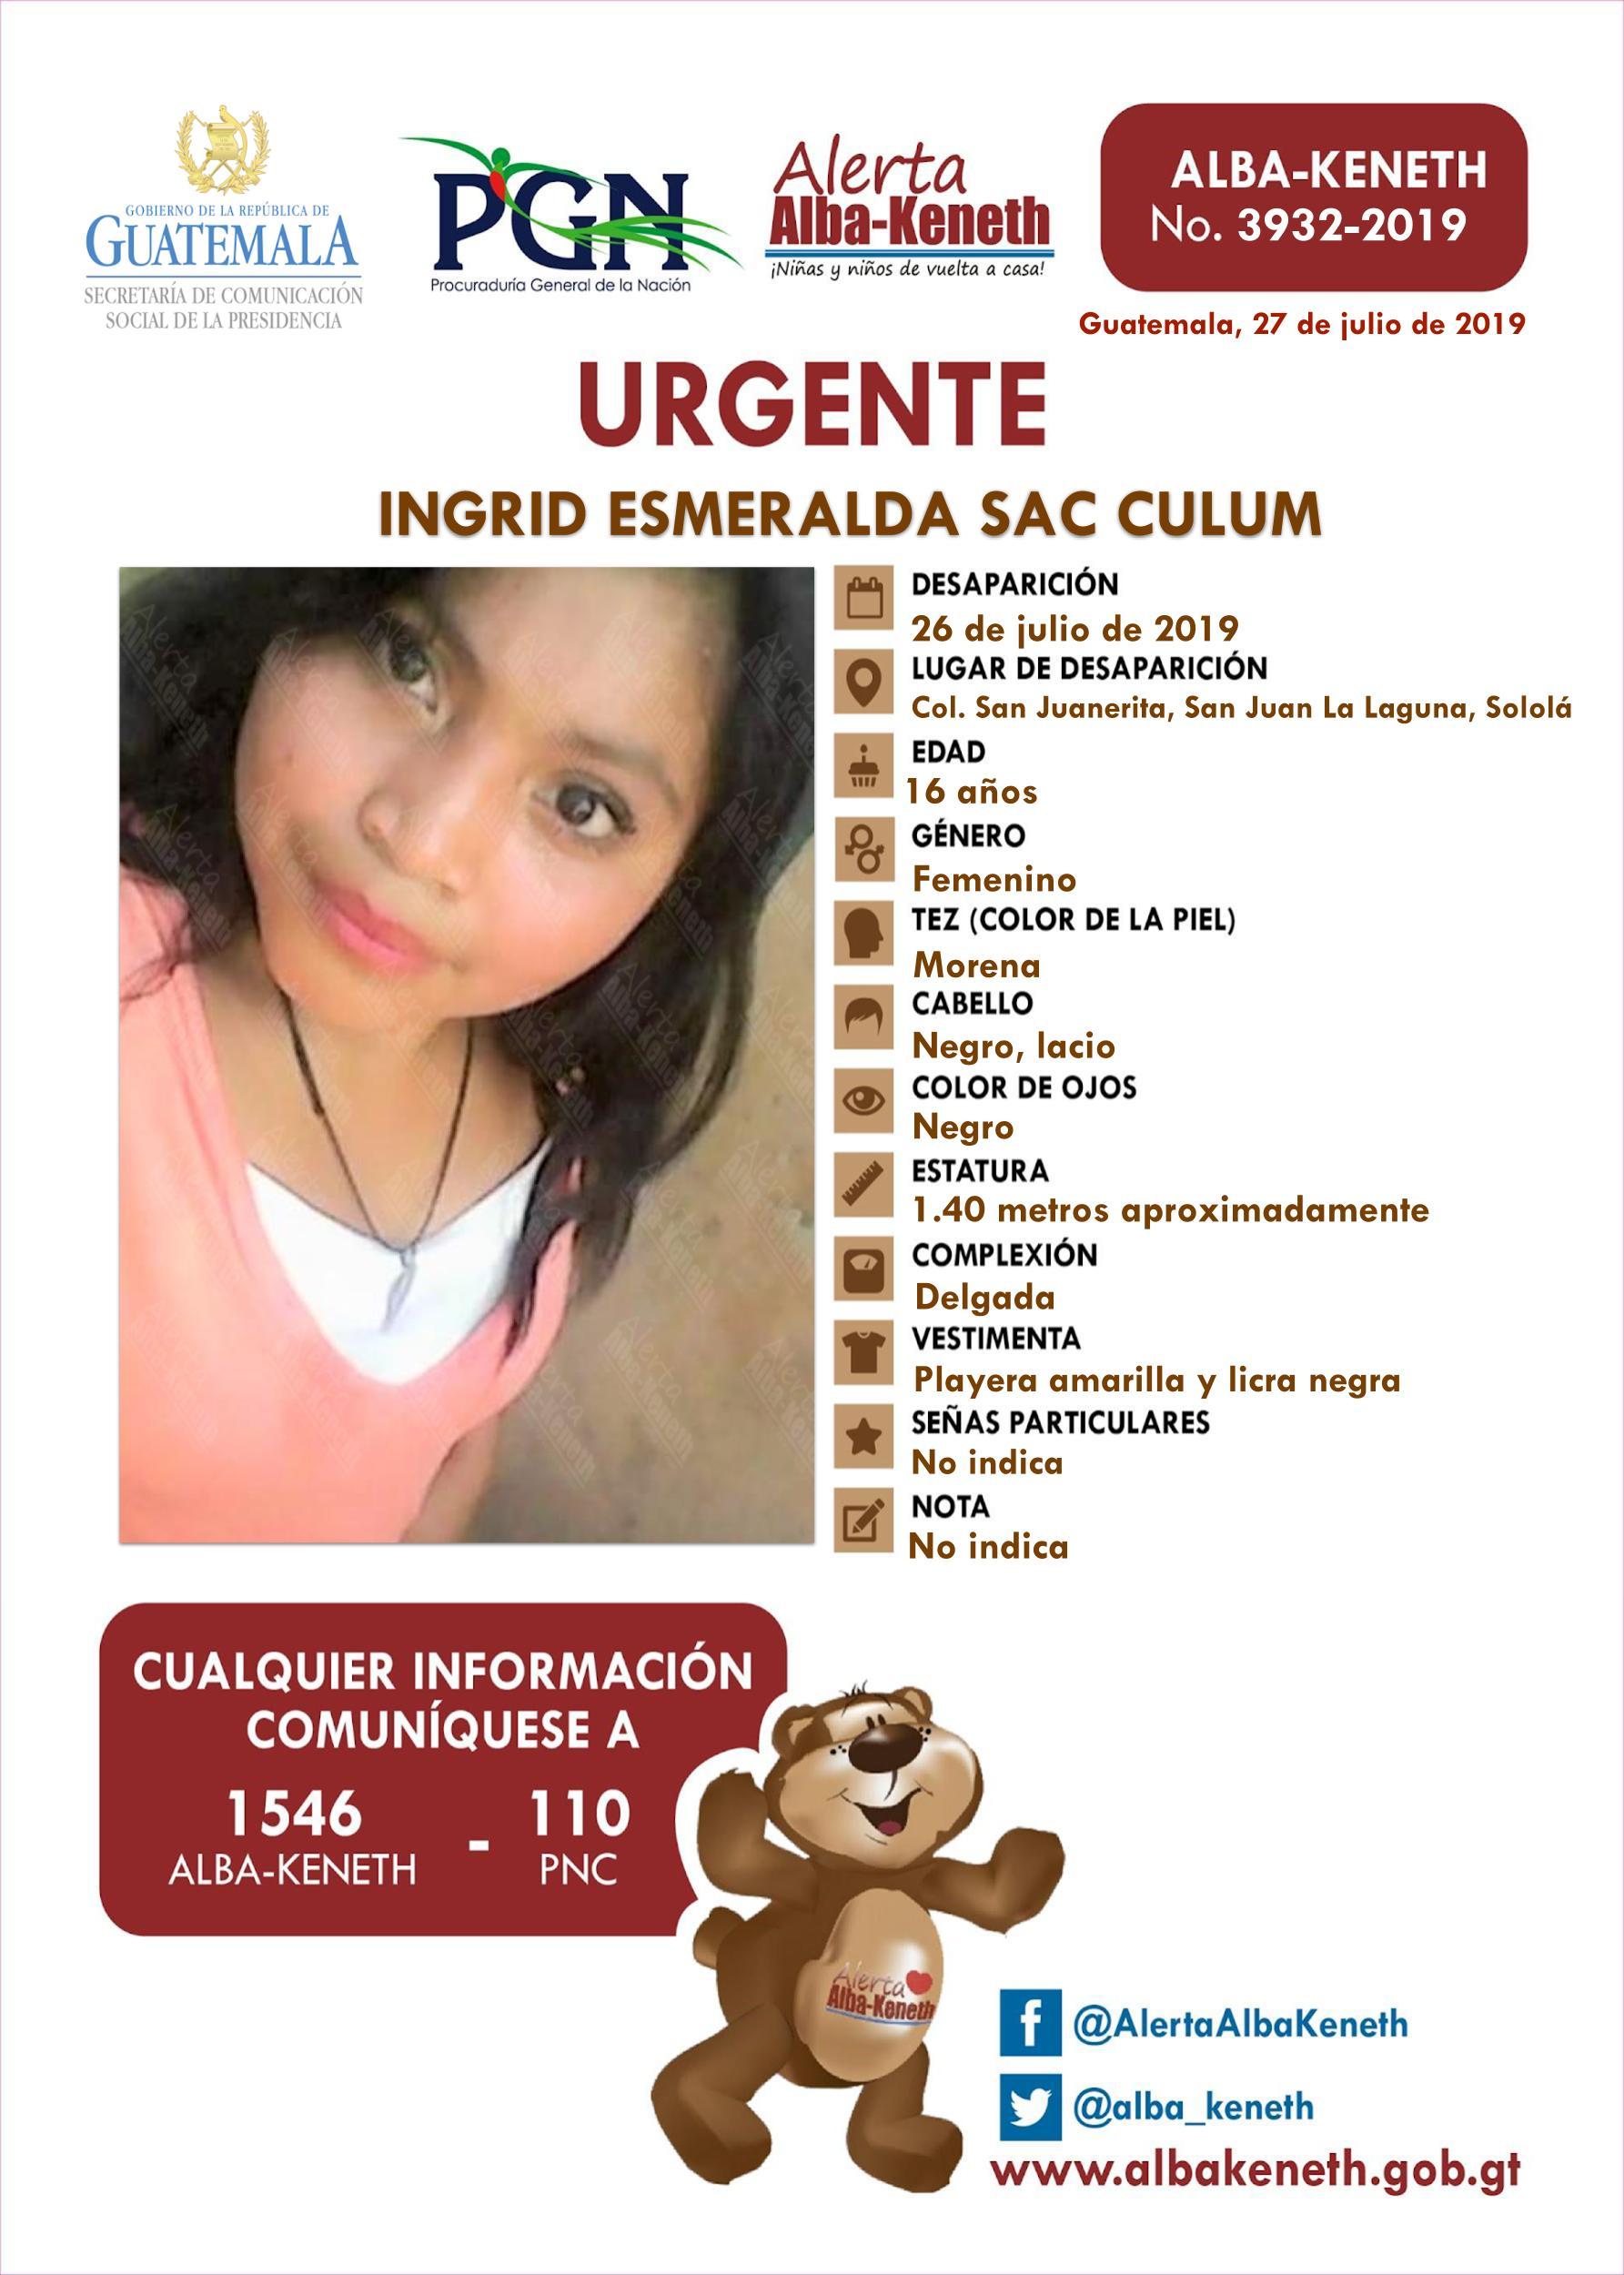 Ingrid Esmeralda Sac Culum